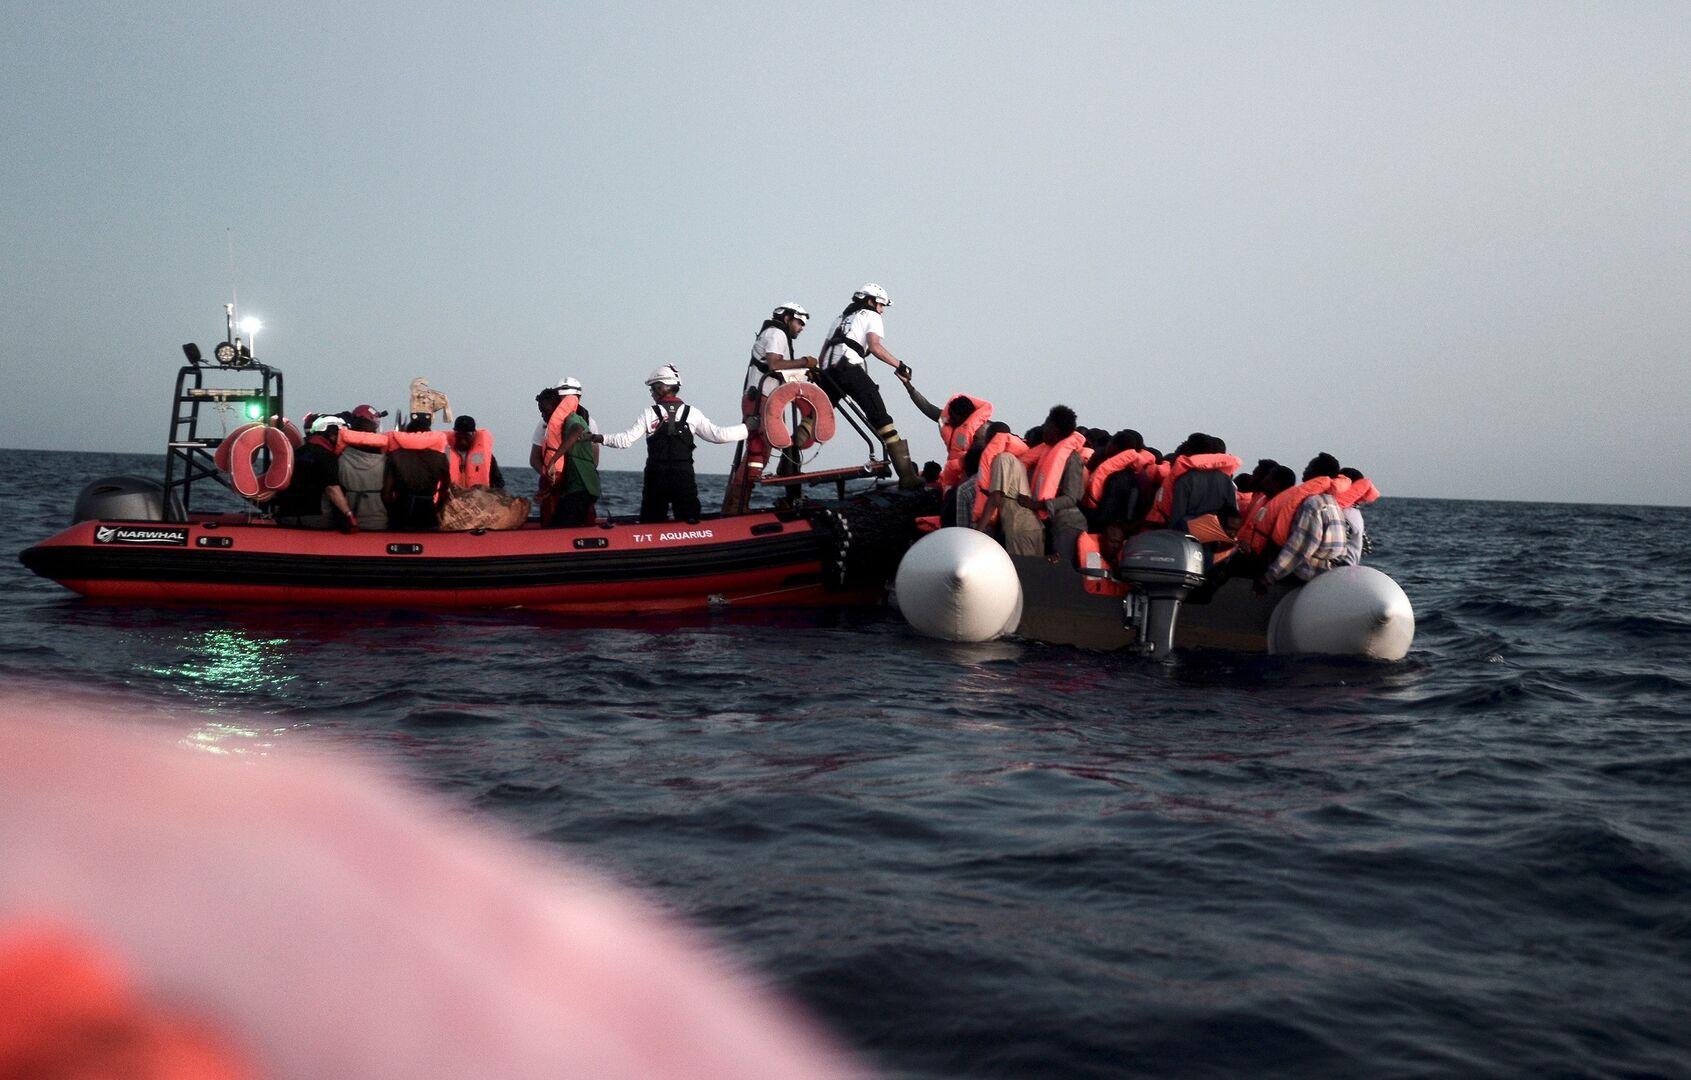 513ae3191 Fotografía facilitada por SOS Mediterranee a EFE del rescate de parte de  los 629 inmigrantes que fueron trasladados al barco 'Aquarius'.